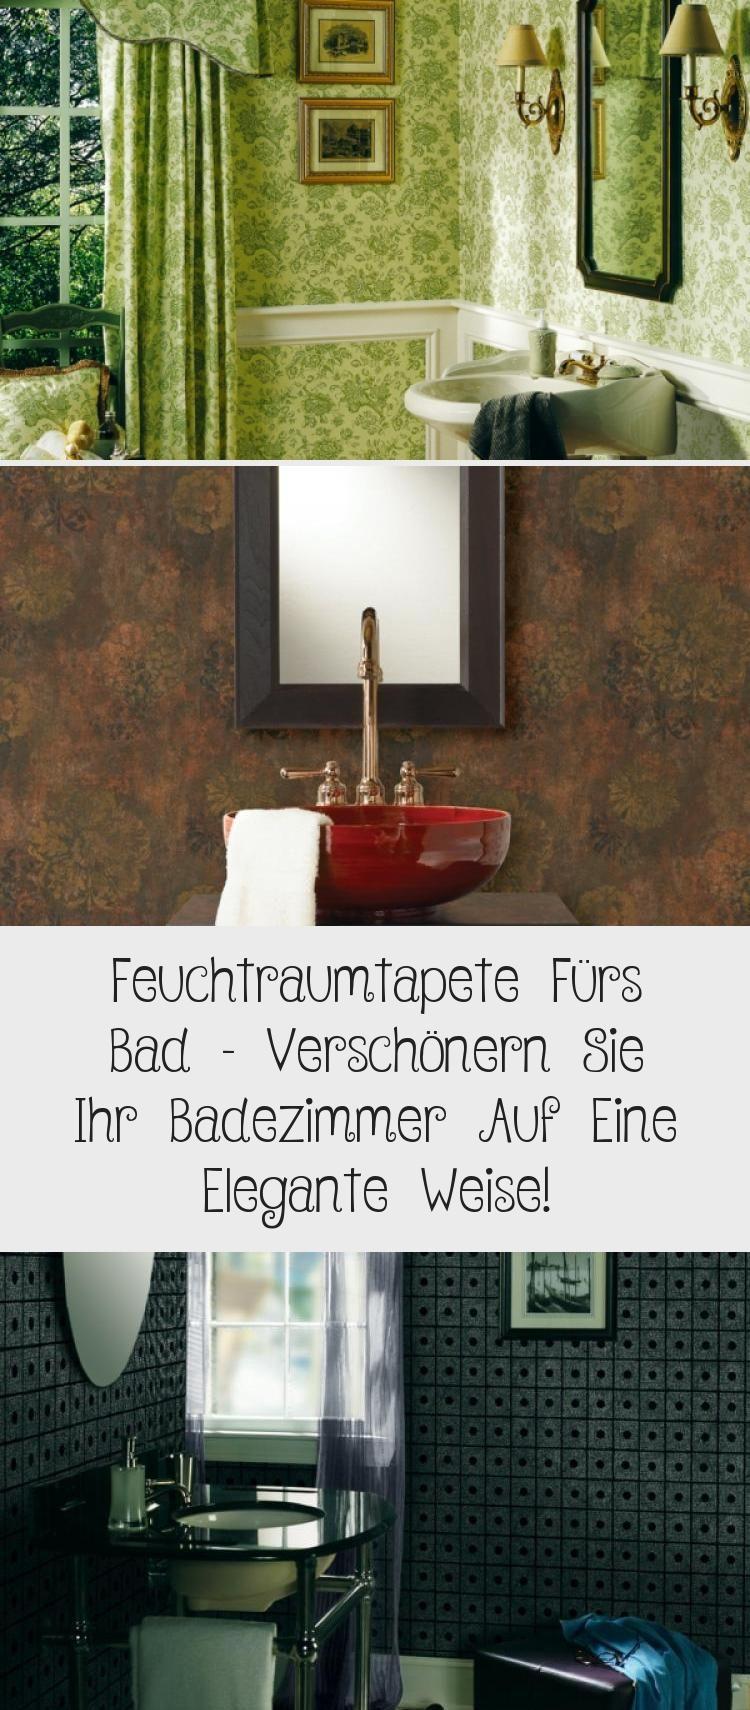 Feuchtraumtapete Furs Bad Verschonern Sie Ihr Badezimmer Auf Eine Elegante Weise Schlafzimmer Bodenfliesen Fototapeten Wallpap In 2020 Tapeten Badezimmer Zimmer